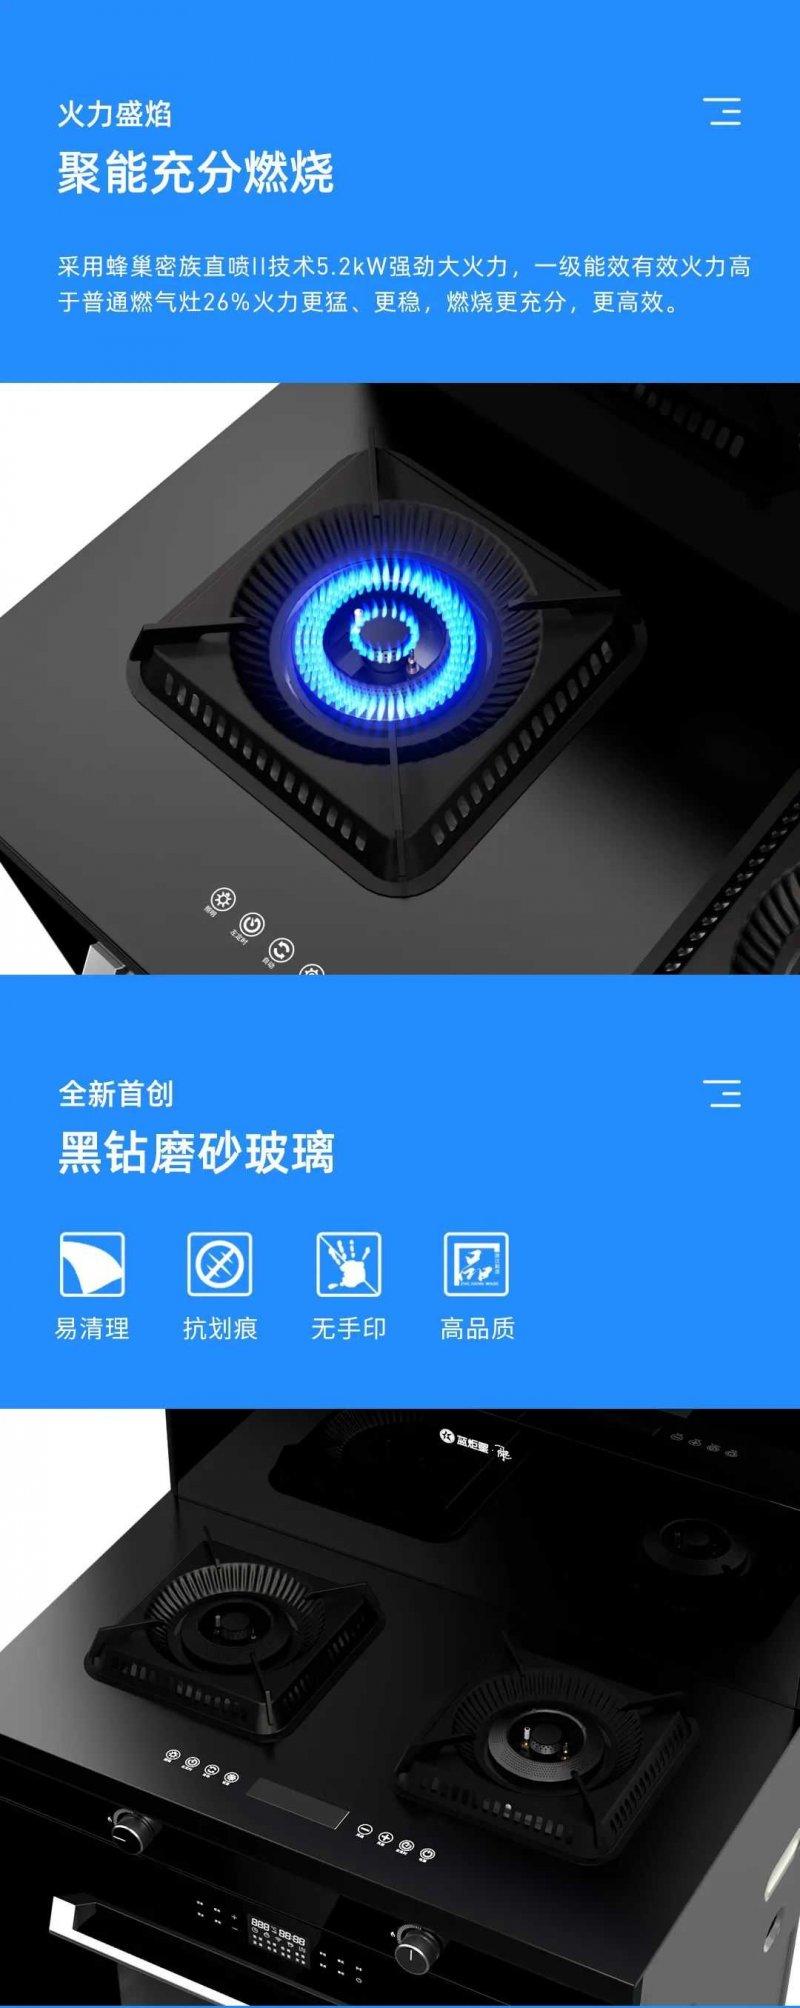 蓝炬星周迅·R6智能高端集成灶产品图片_7